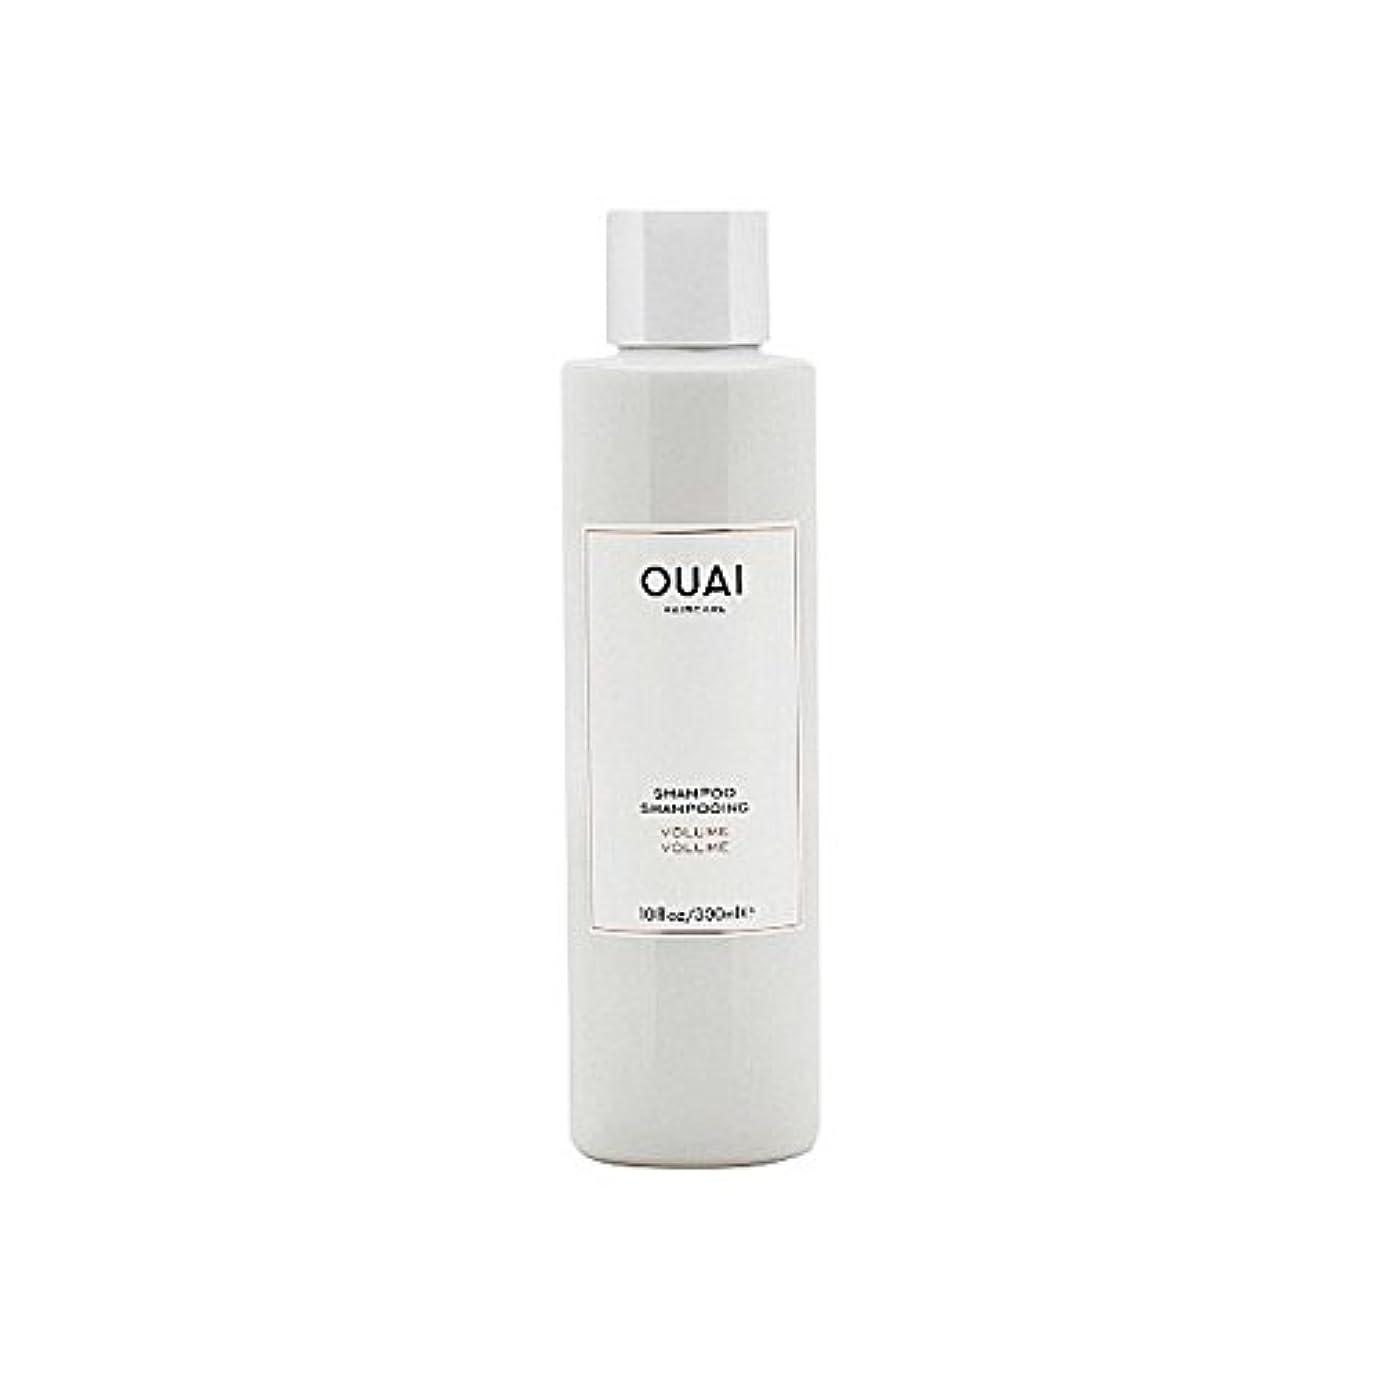 研磨剤できれば脊椎Ouai Volume Shampoo 300ml - ボリュームシャンプー300ミリリットル [並行輸入品]